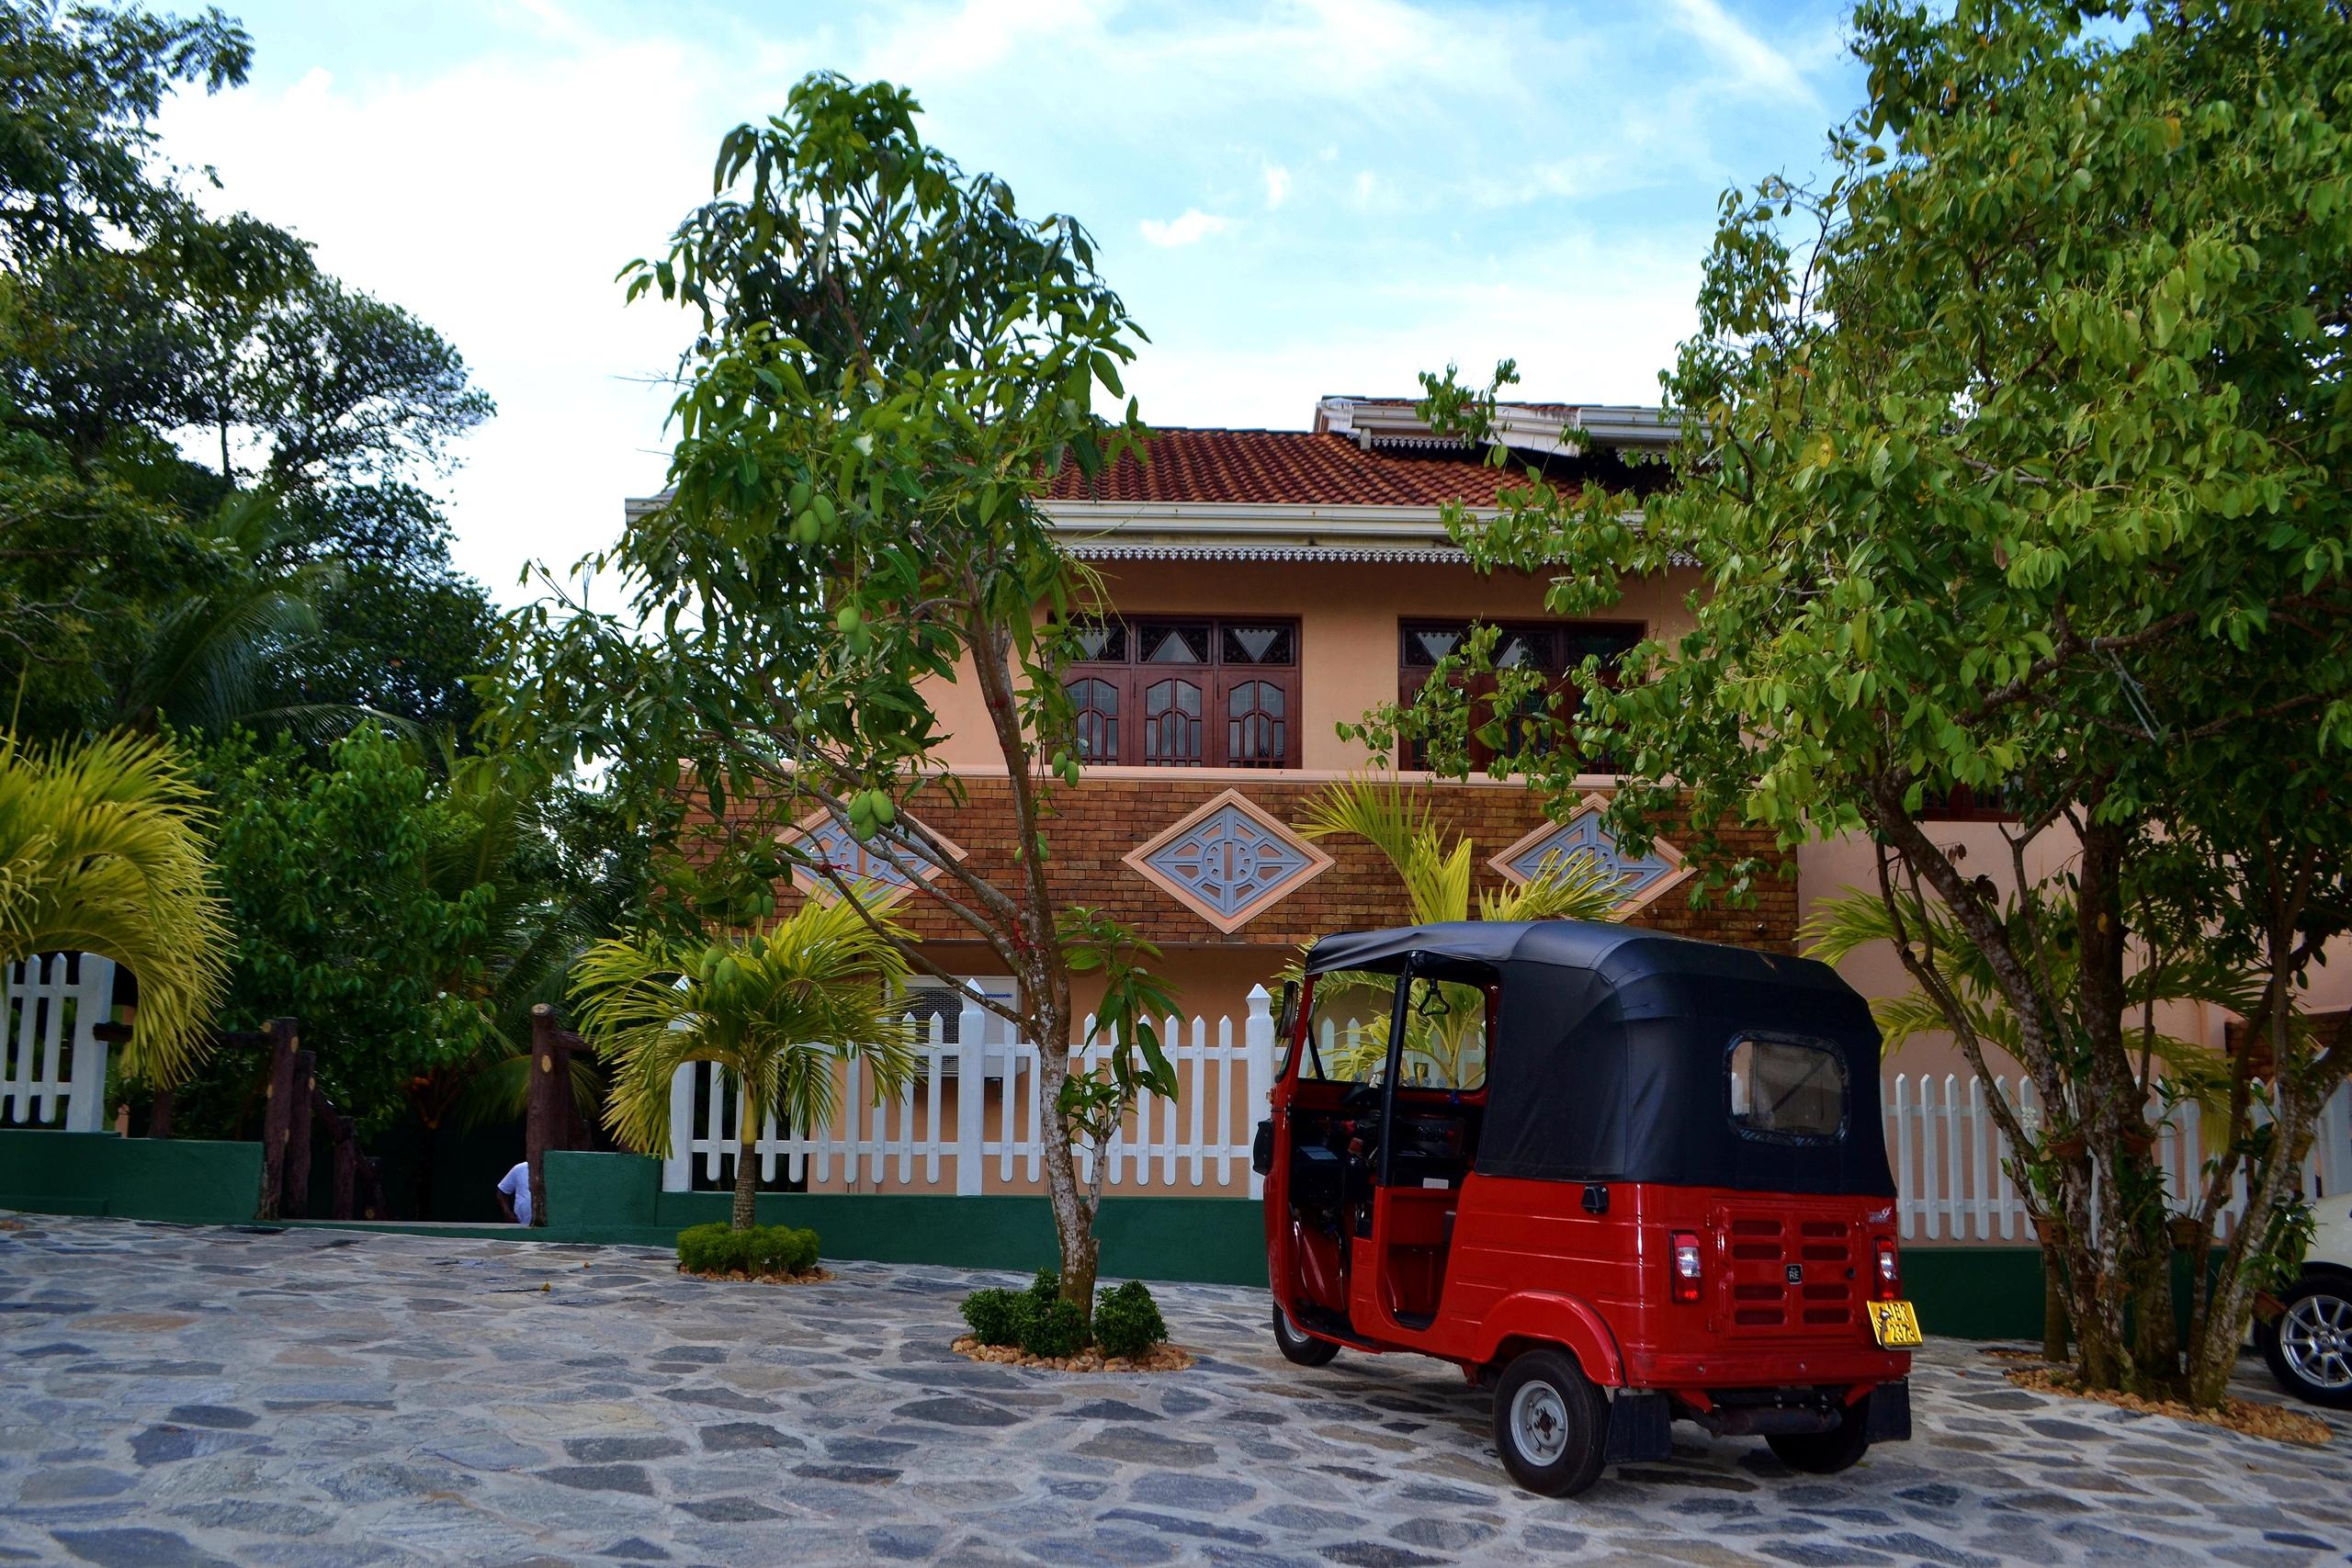 Шри Ланка (фото) - Страница 3 VK-ZT392Odg